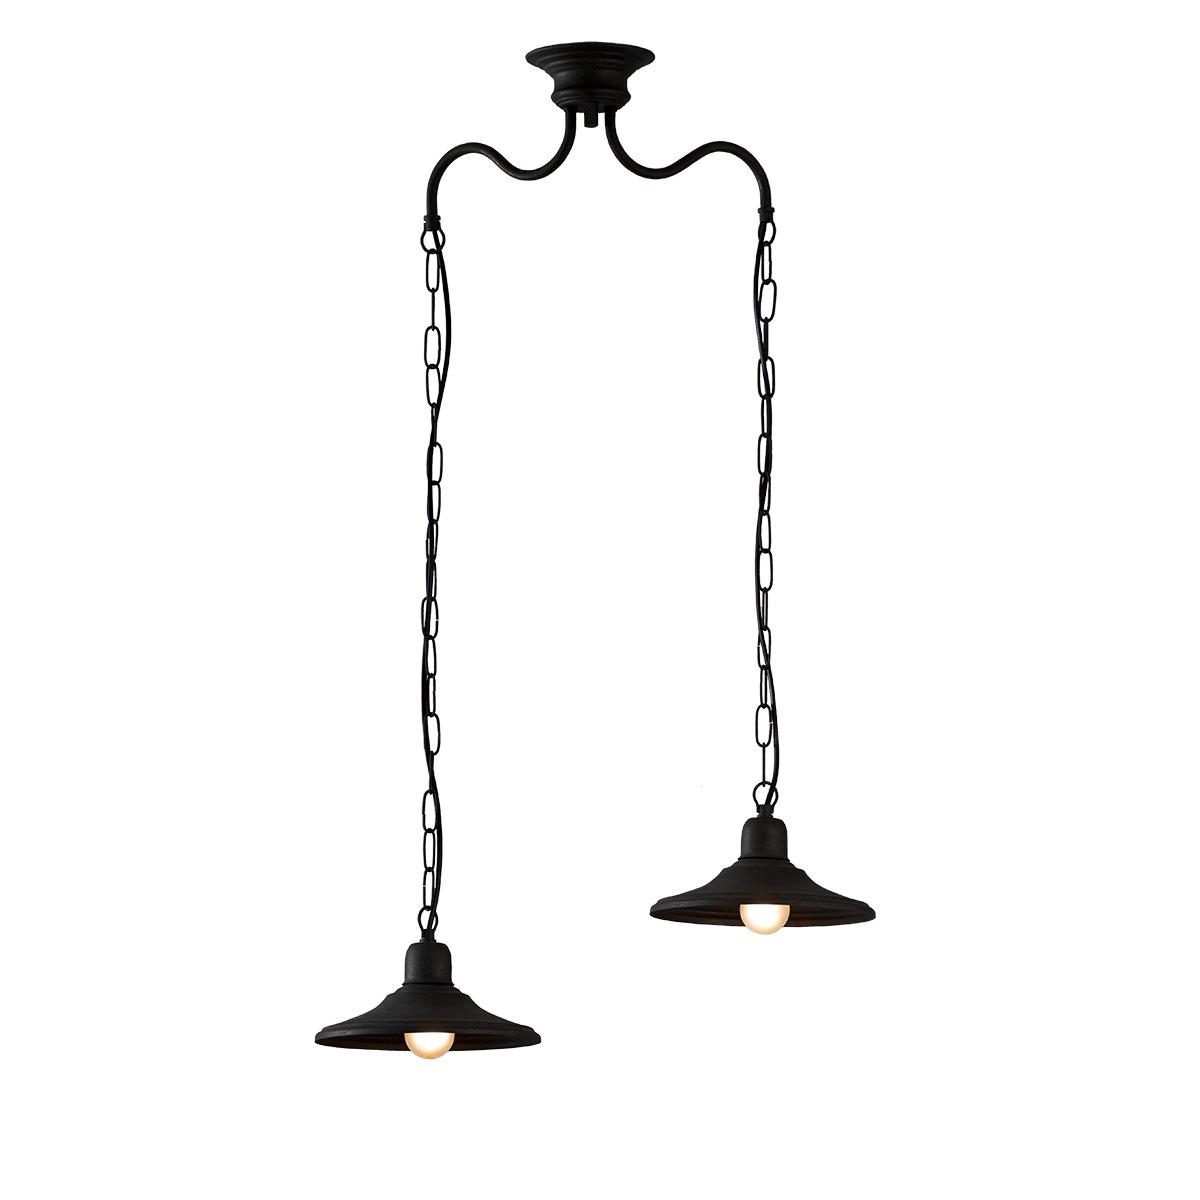 Παραδοσιακό φωτιστικό σε πατίνα γραφίτη ΙΟΣ graphite patinated retro chandelier